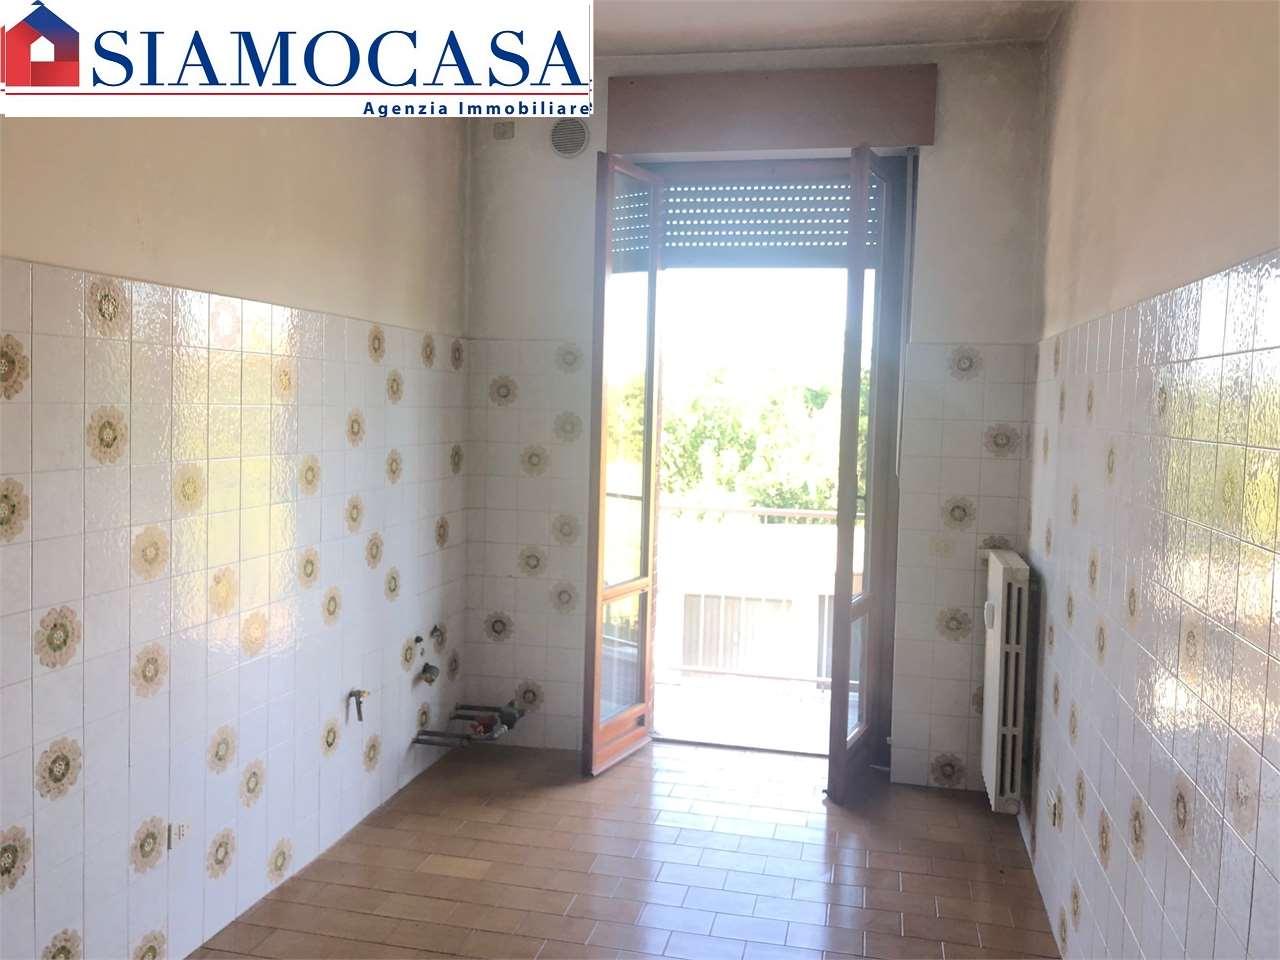 Appartamento in vendita a Alessandria, 3 locali, zona Località: San Michele, prezzo € 80.000 | CambioCasa.it